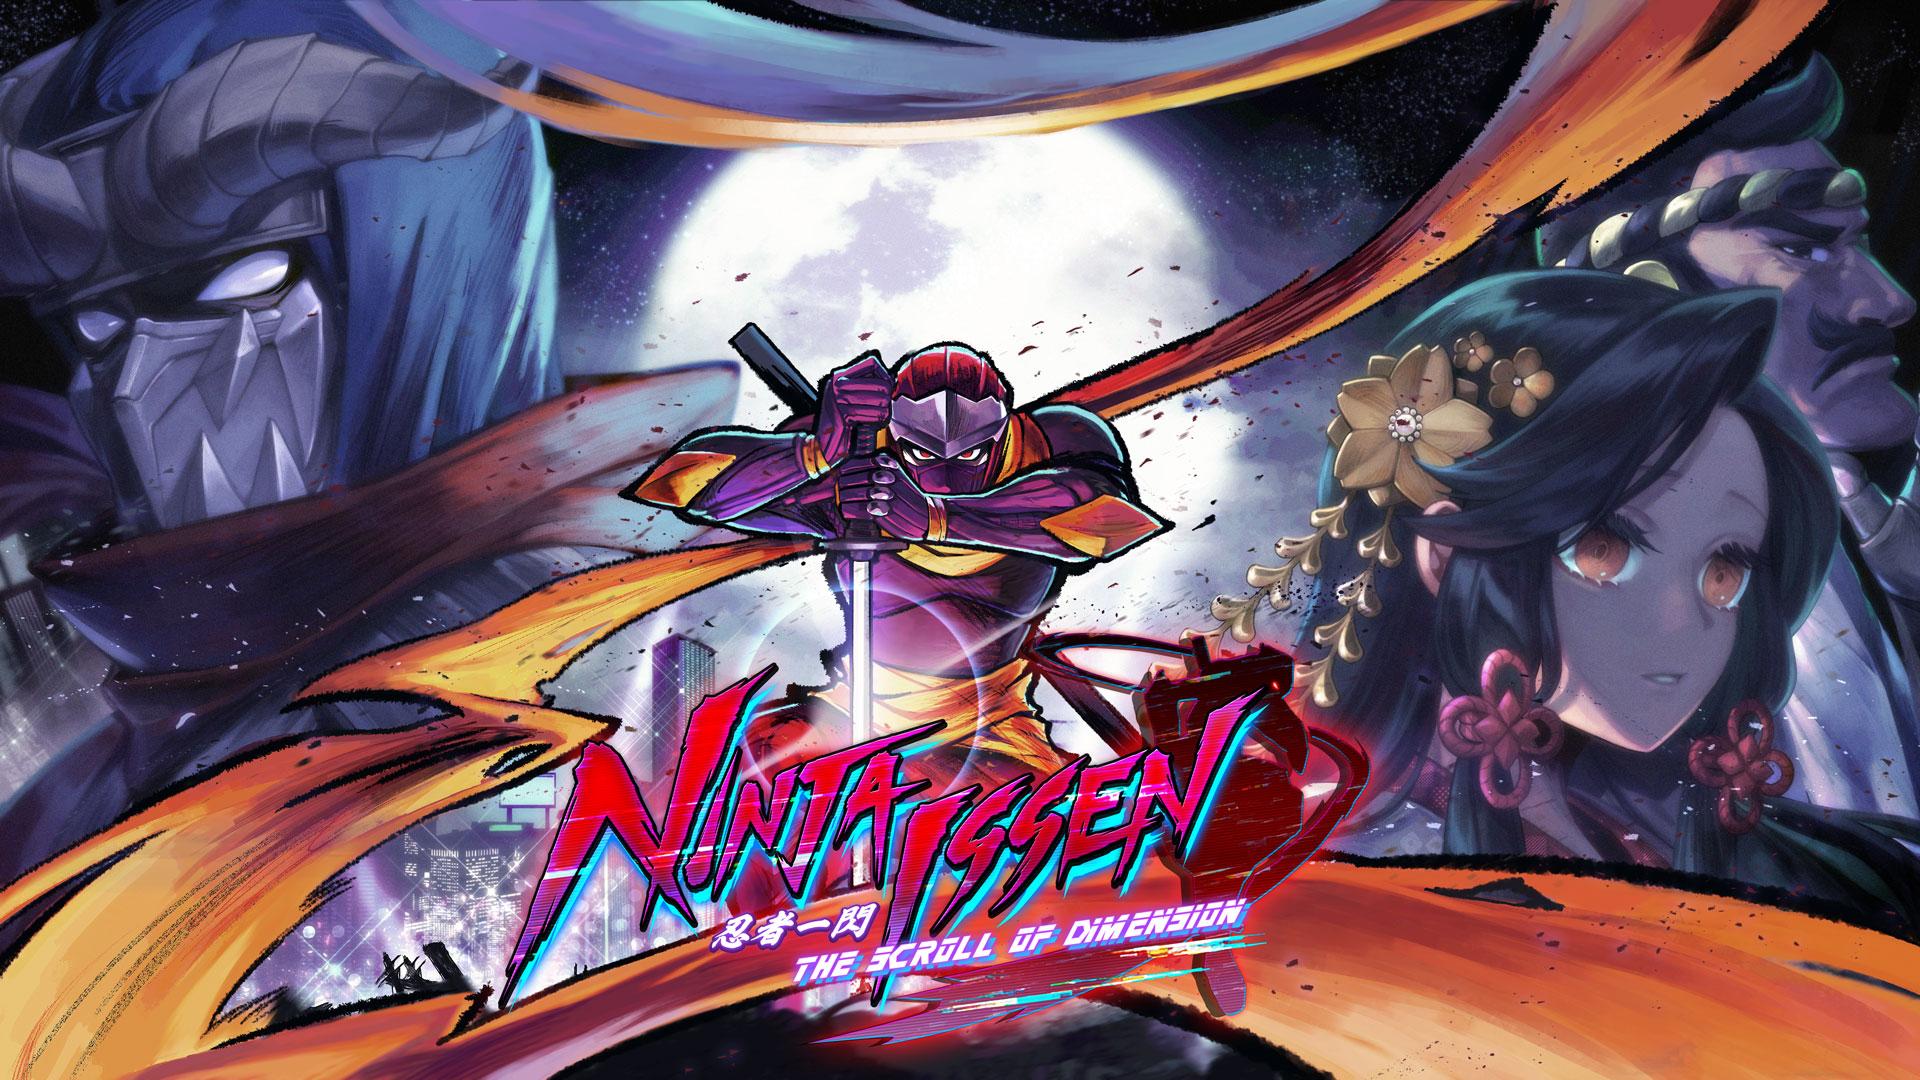 赛博横板动作游戏《忍者一闪》最新预告 具备超级动作、一对多战斗能元素